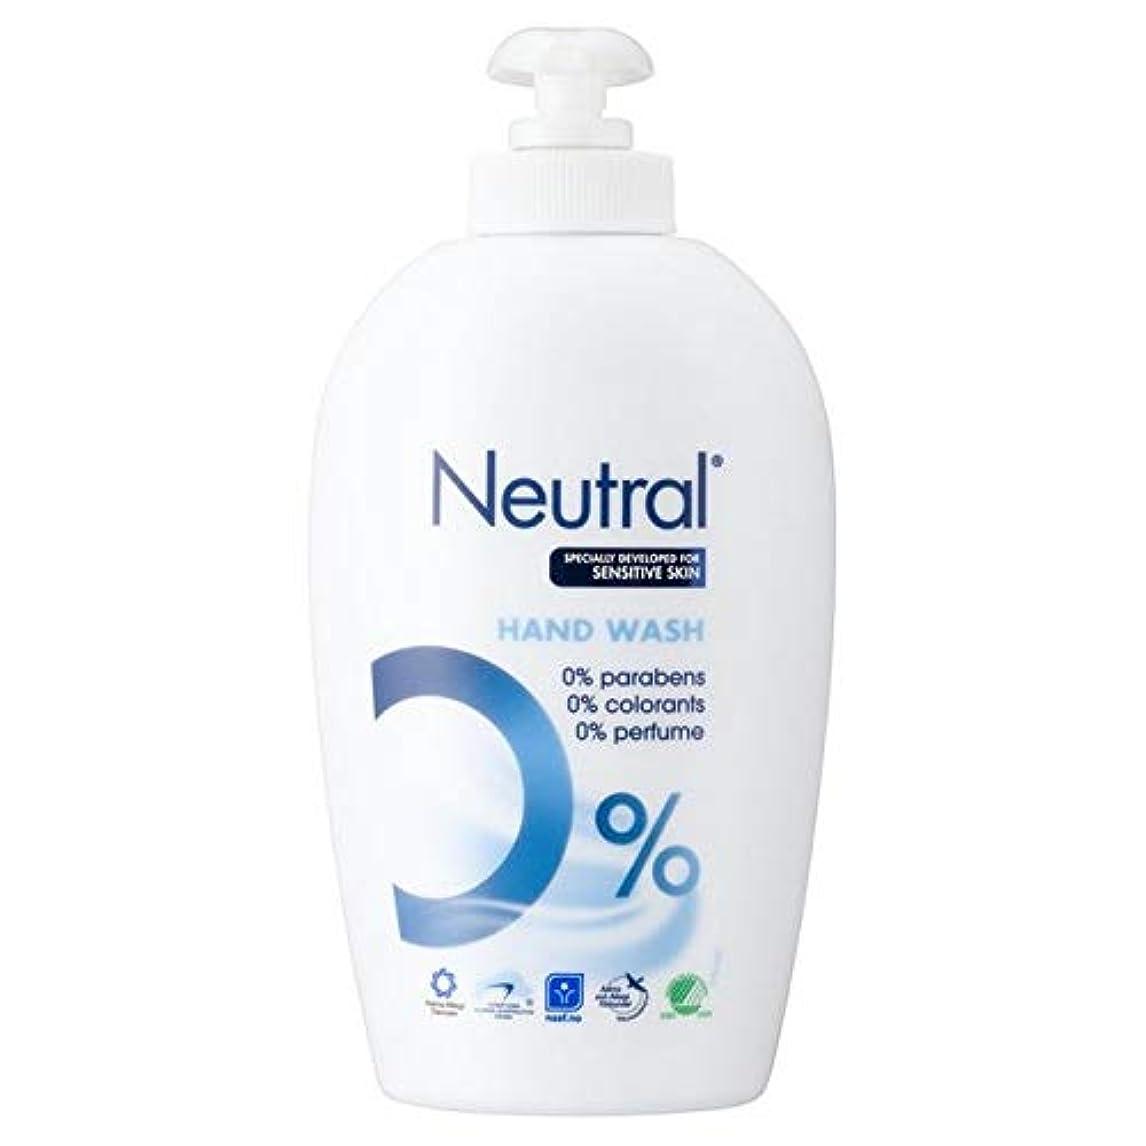 連続した回転させるリース[Neutral ] ニュートラル0%のハンドウォッシュ250ミリリットル - Neutral 0% Hand Wash 250ml [並行輸入品]